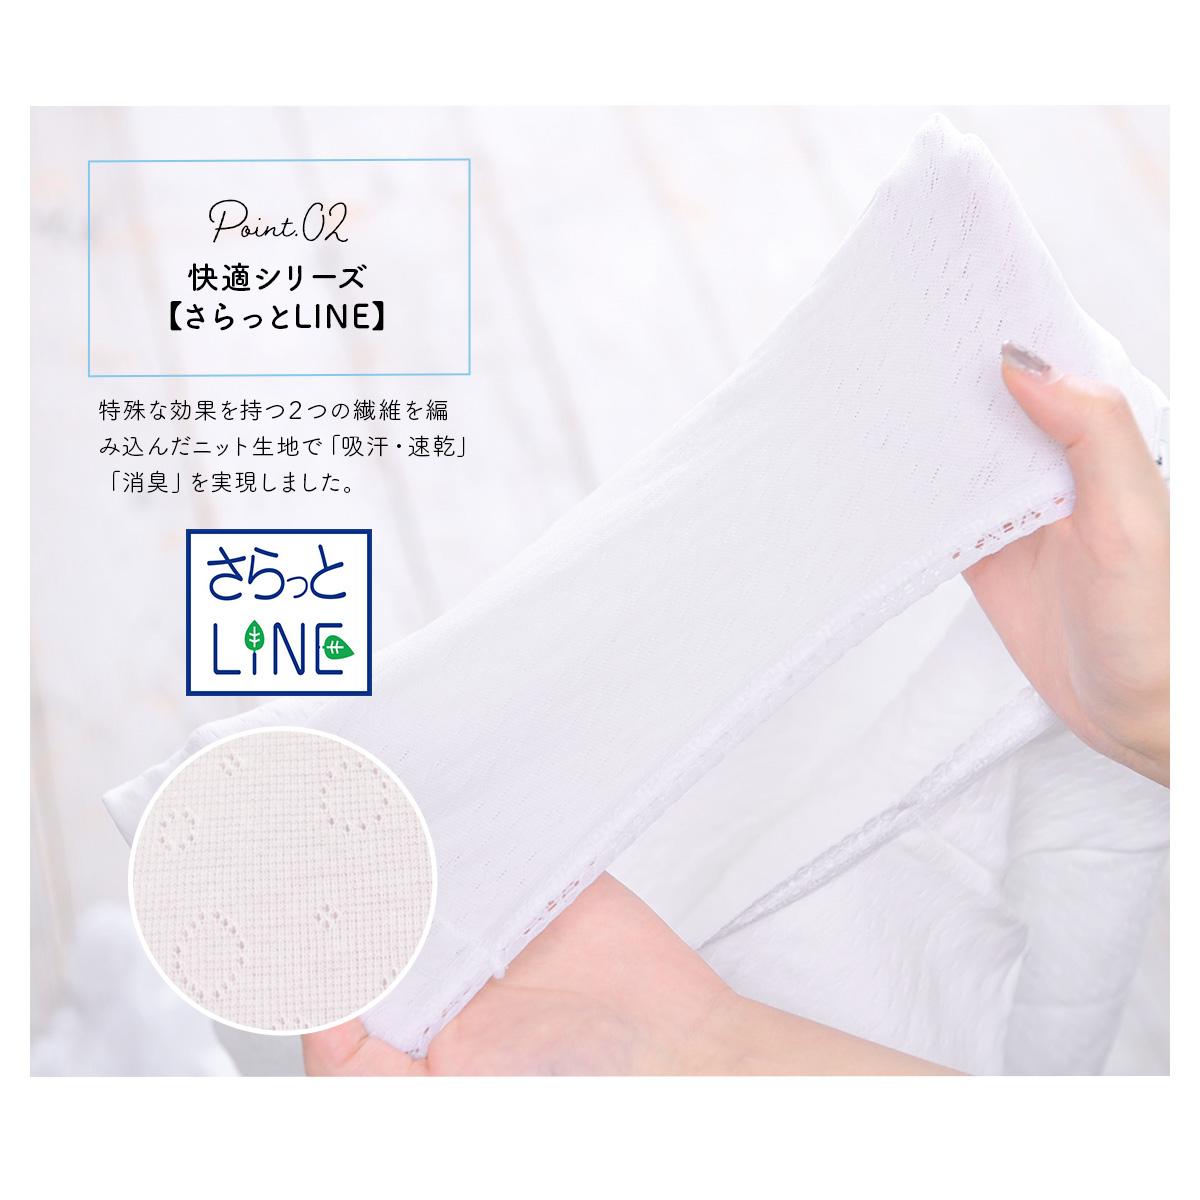 フォーマル着物から浴衣にも使える和装スリップ